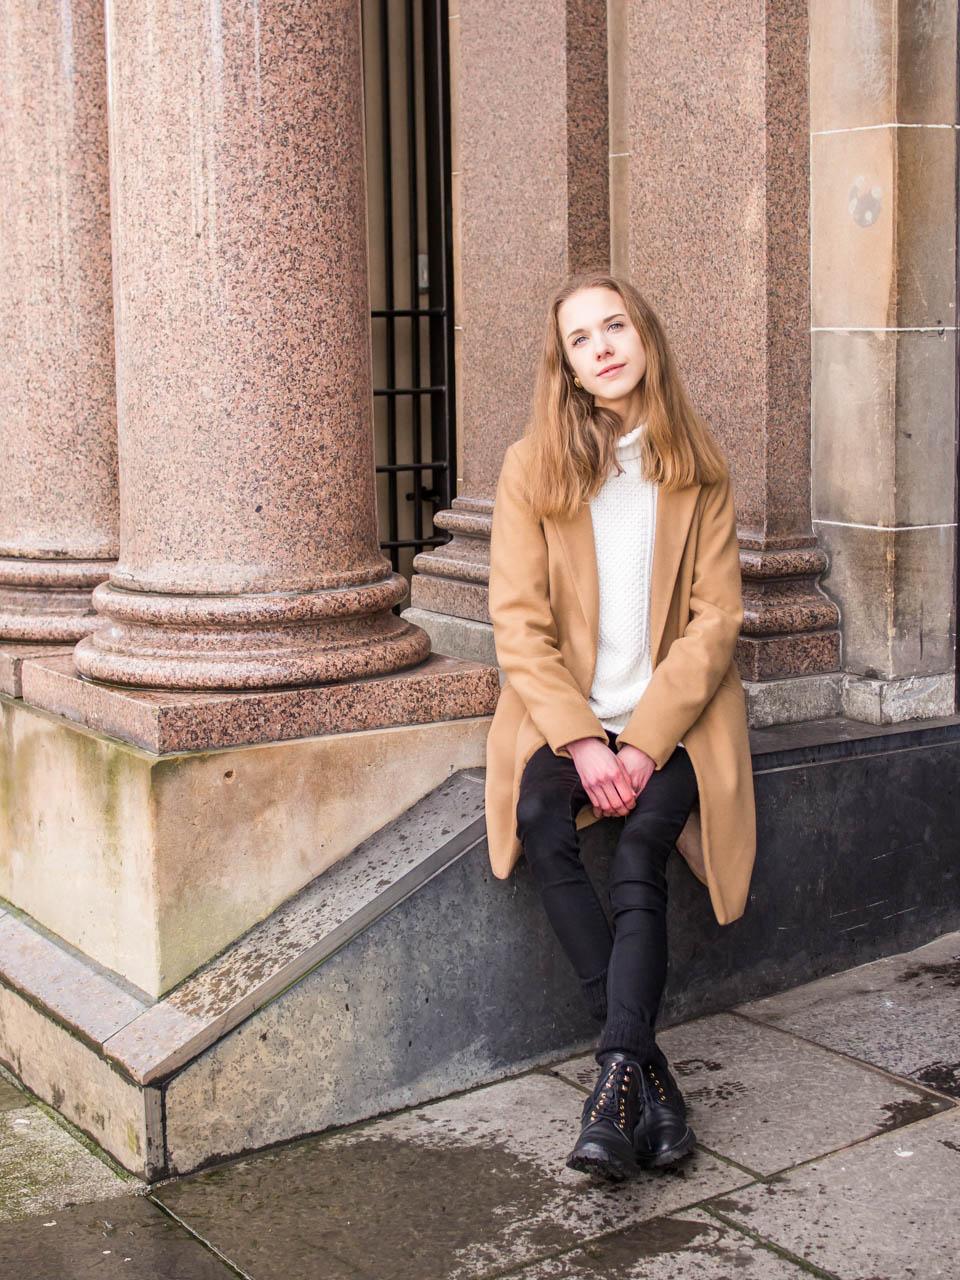 Scandinavian fashion blogger winter outfit - Talvimuoti, tyyli, asuinspiraatio, bloggaaja